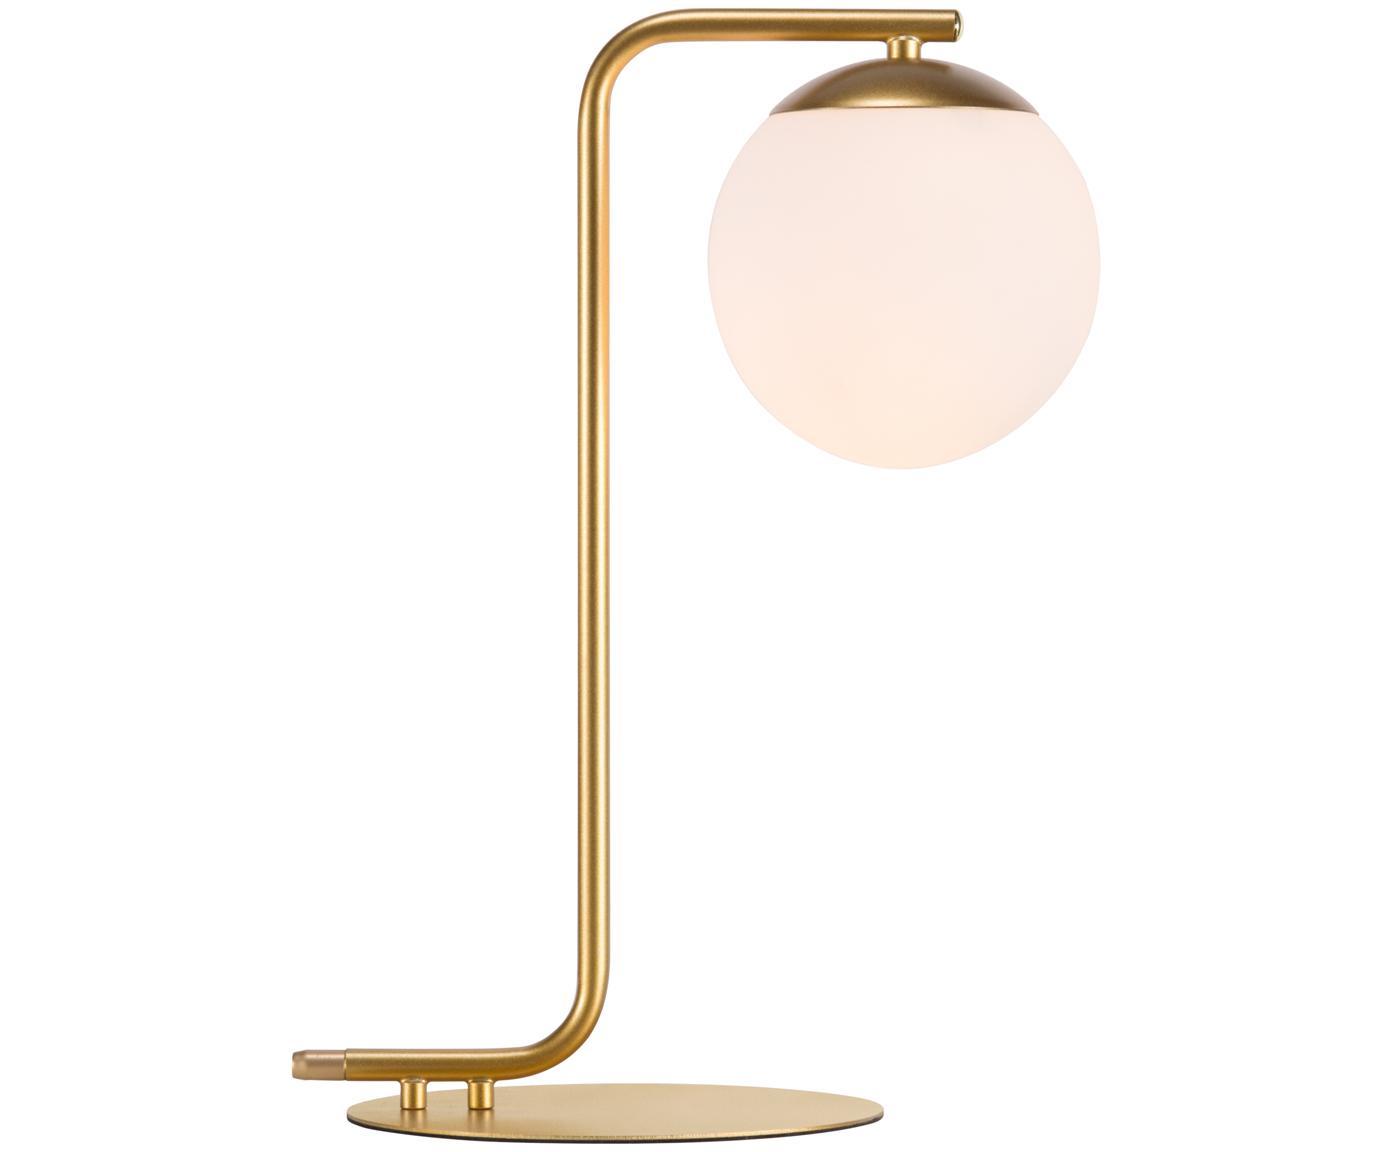 Tischleuchte Grant, Messing, Lampenfuß: Messing, Lampenschirm: Opalglas, Messing, Weiß, 20 x 41 cm